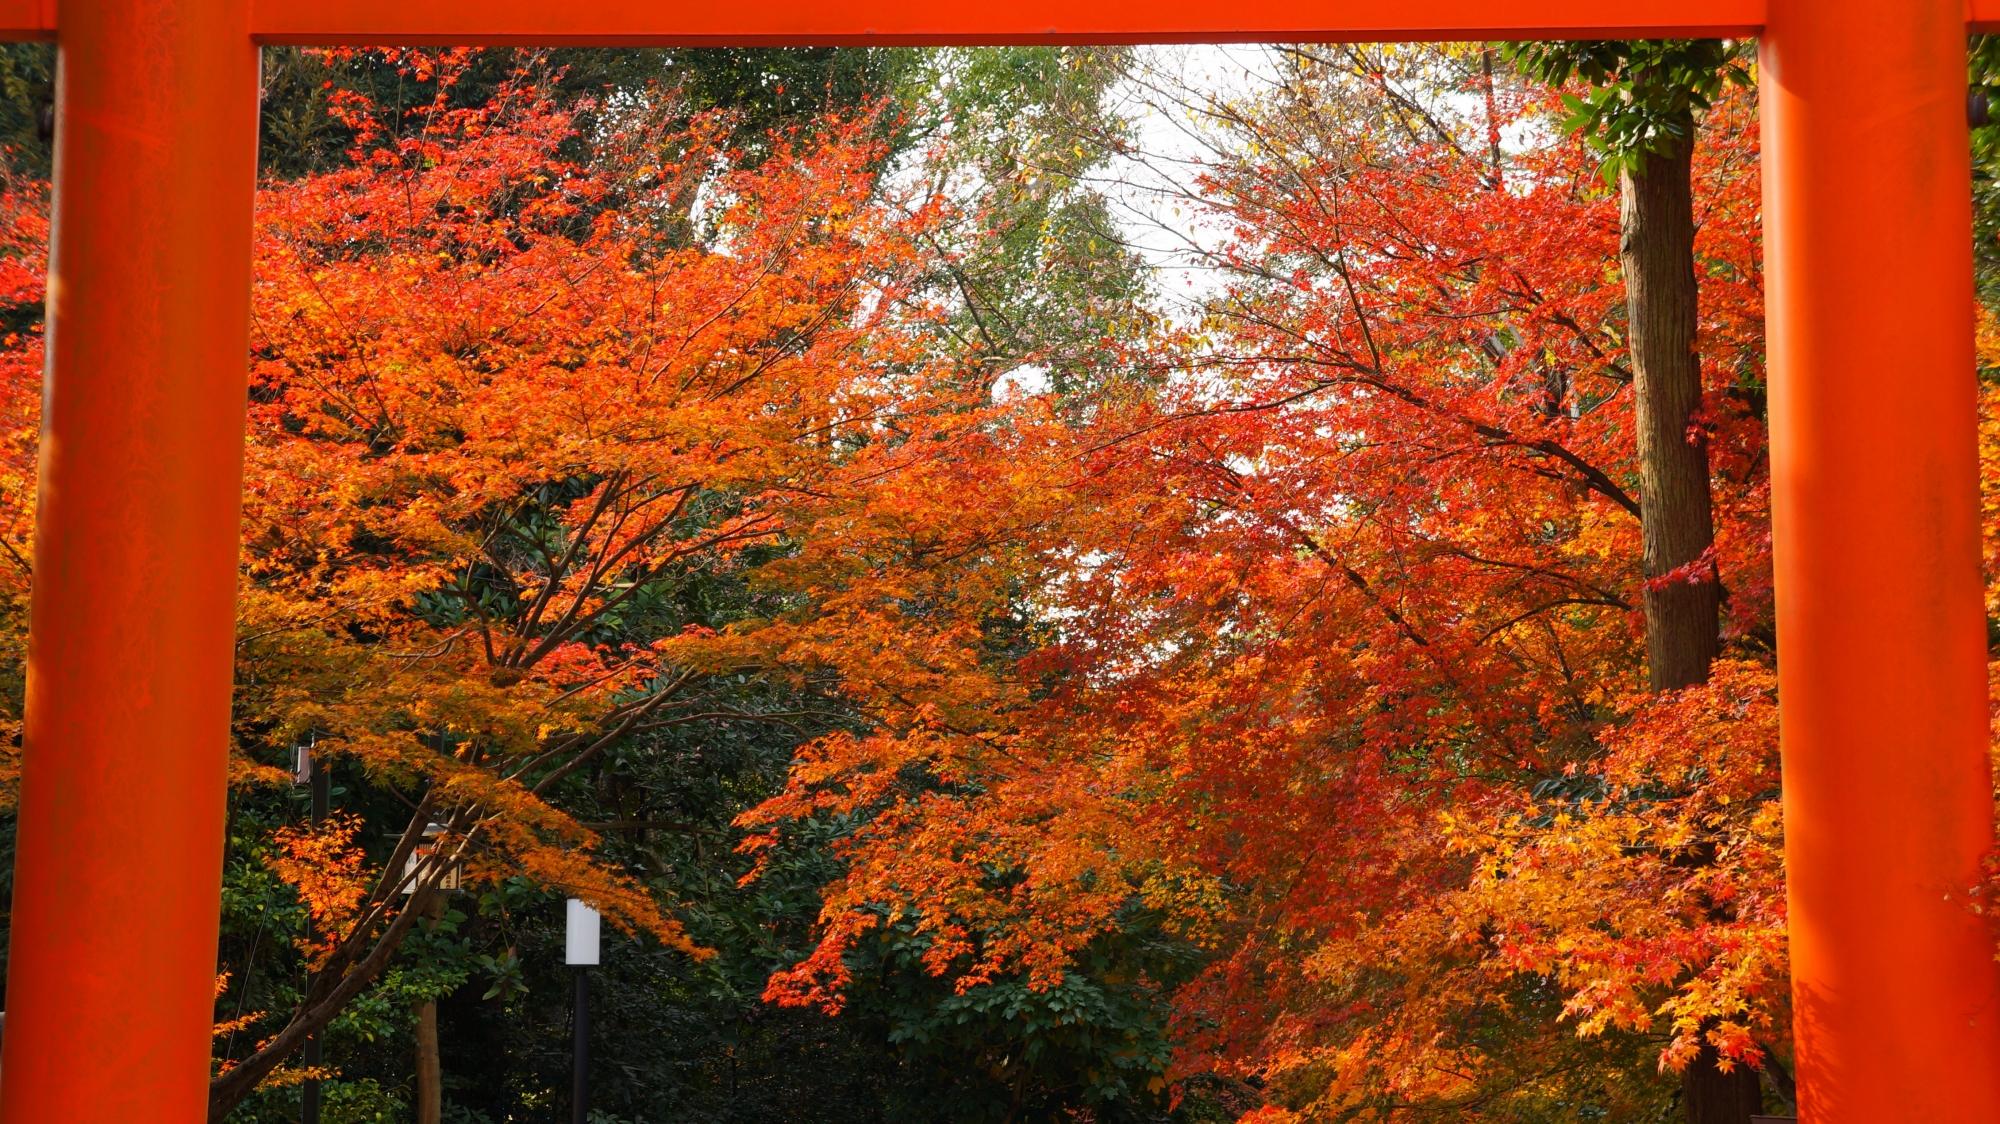 鳥居の赤い枠の中で鮮やかに色づく紅葉